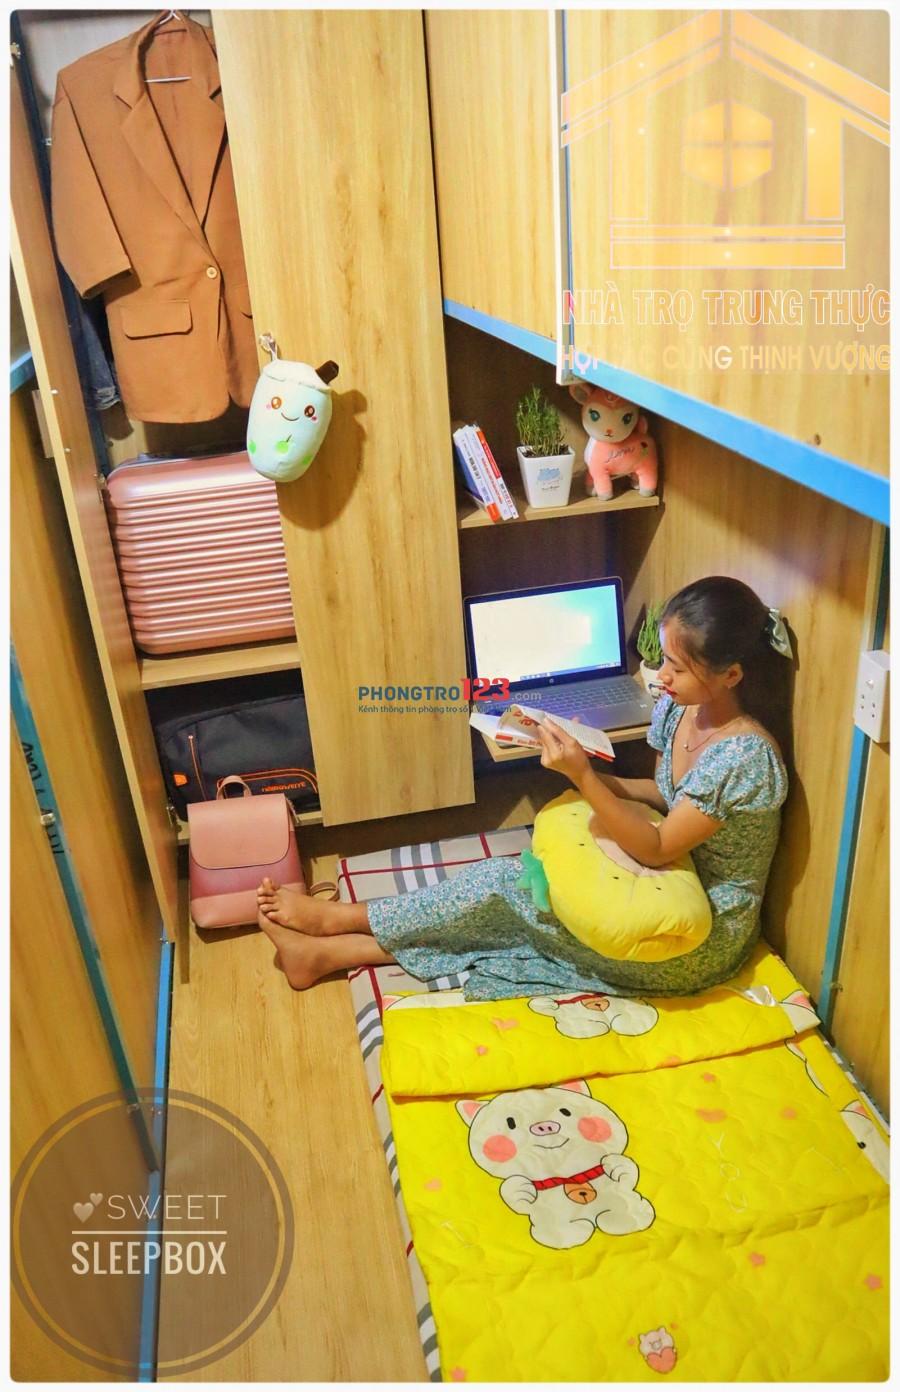 Cho thuê SleepBox 2tr2 (bao phí) ngay chợ Tân Định